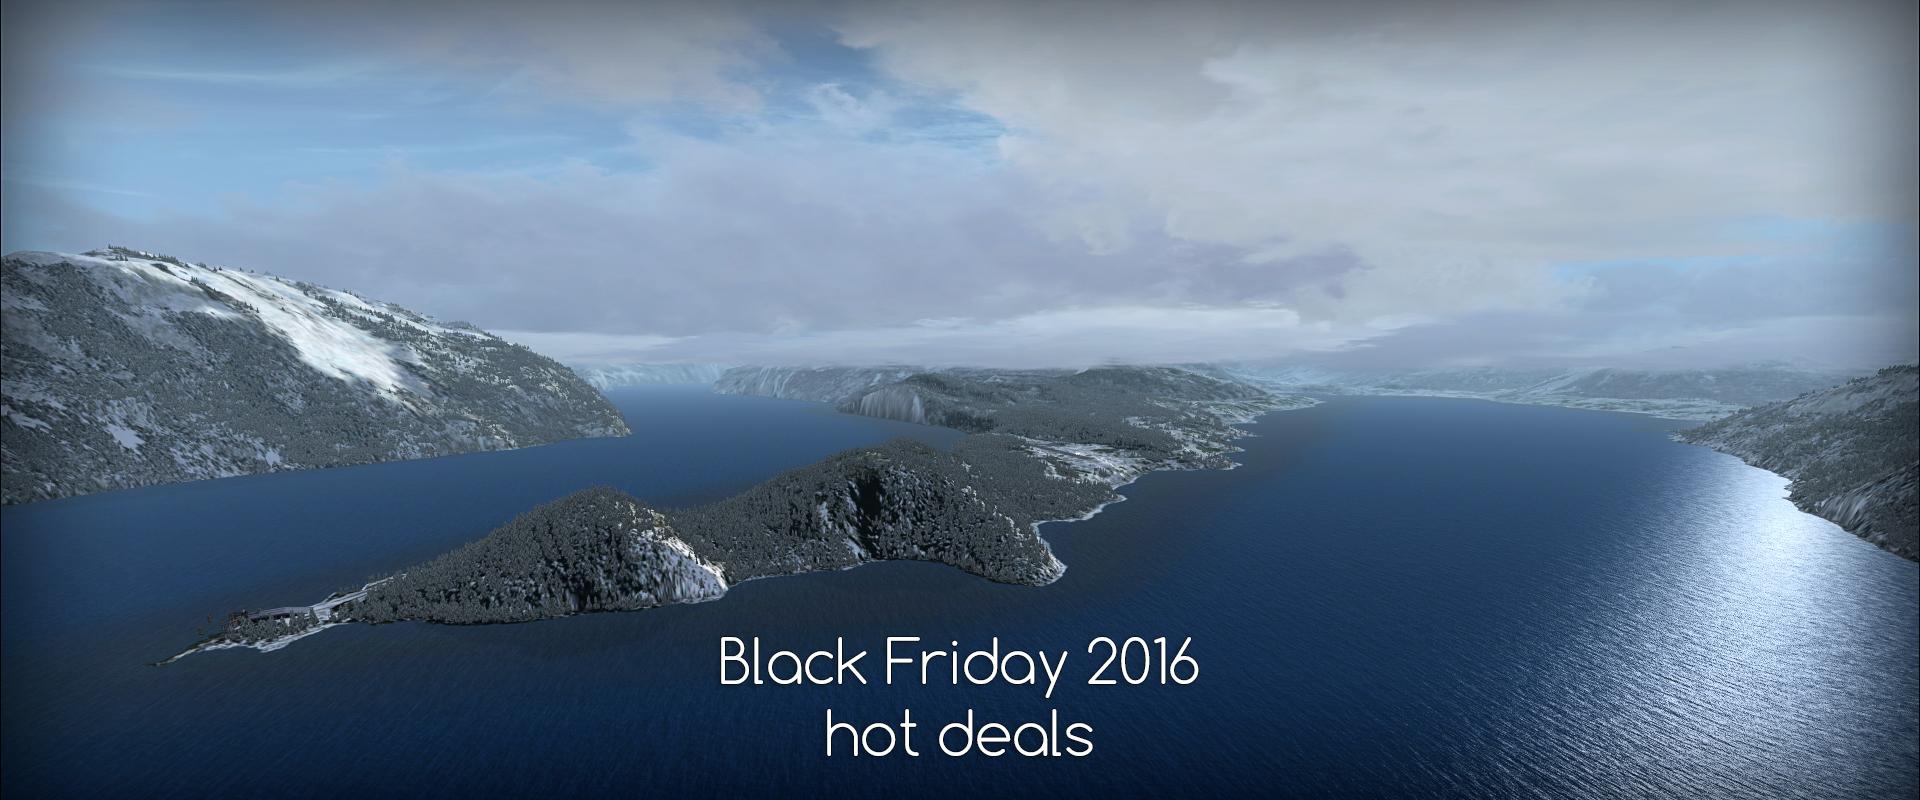 Black Friday 2016 - hot deals / recommendations